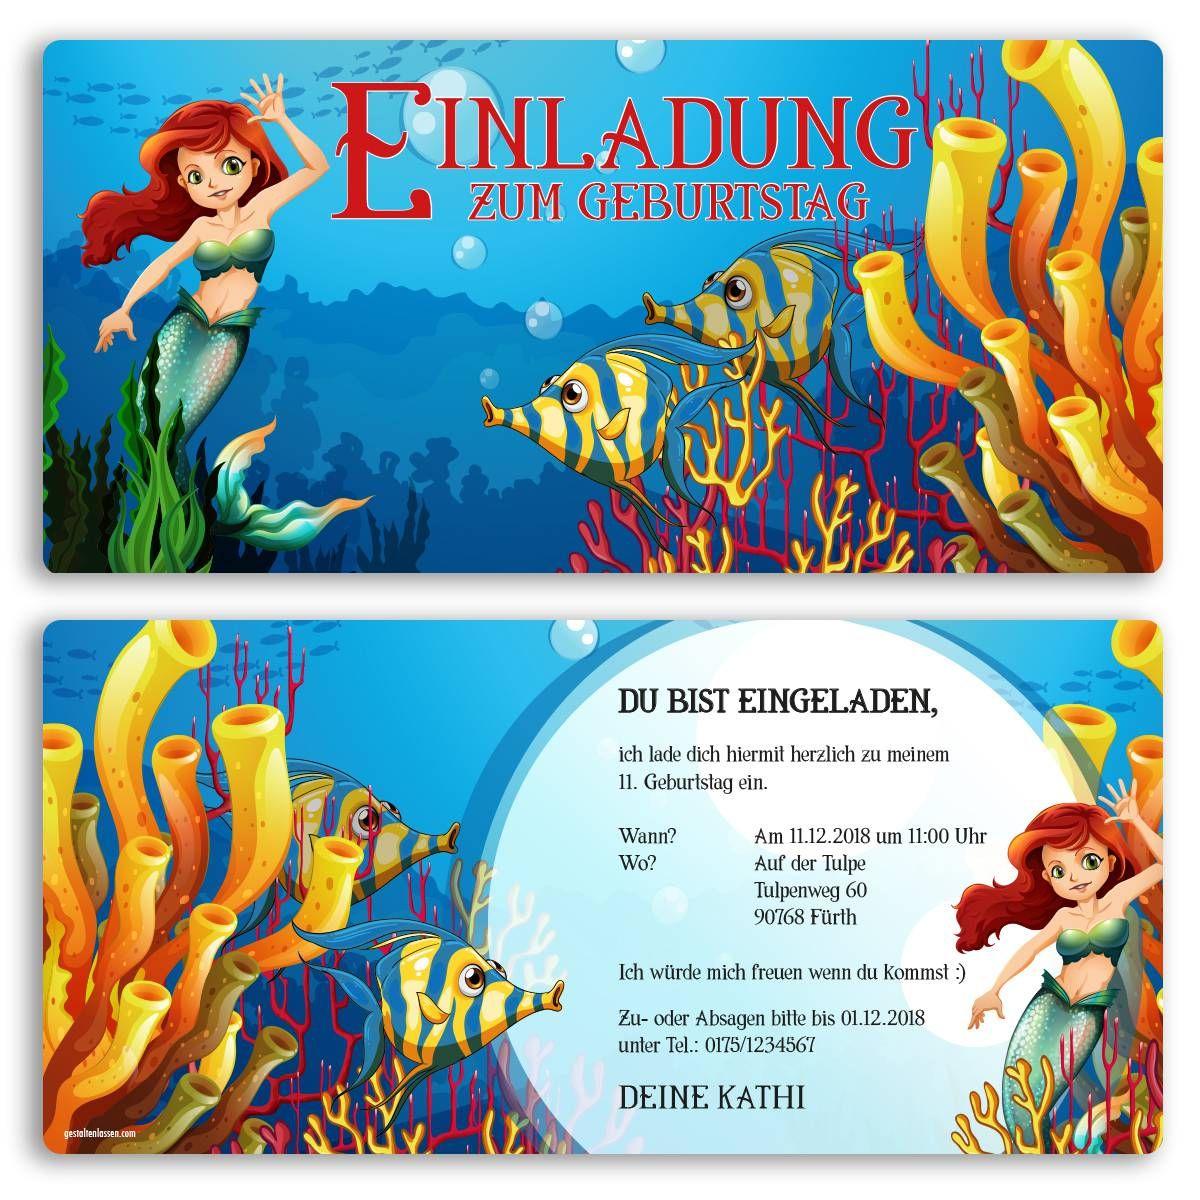 Einladungskarten Kindergeburtstag Text : Einladungskarten Kindergeburtstag  Text Kostenlos   Kindergeburtstag Einladung   Kindergeburtstag Einladung